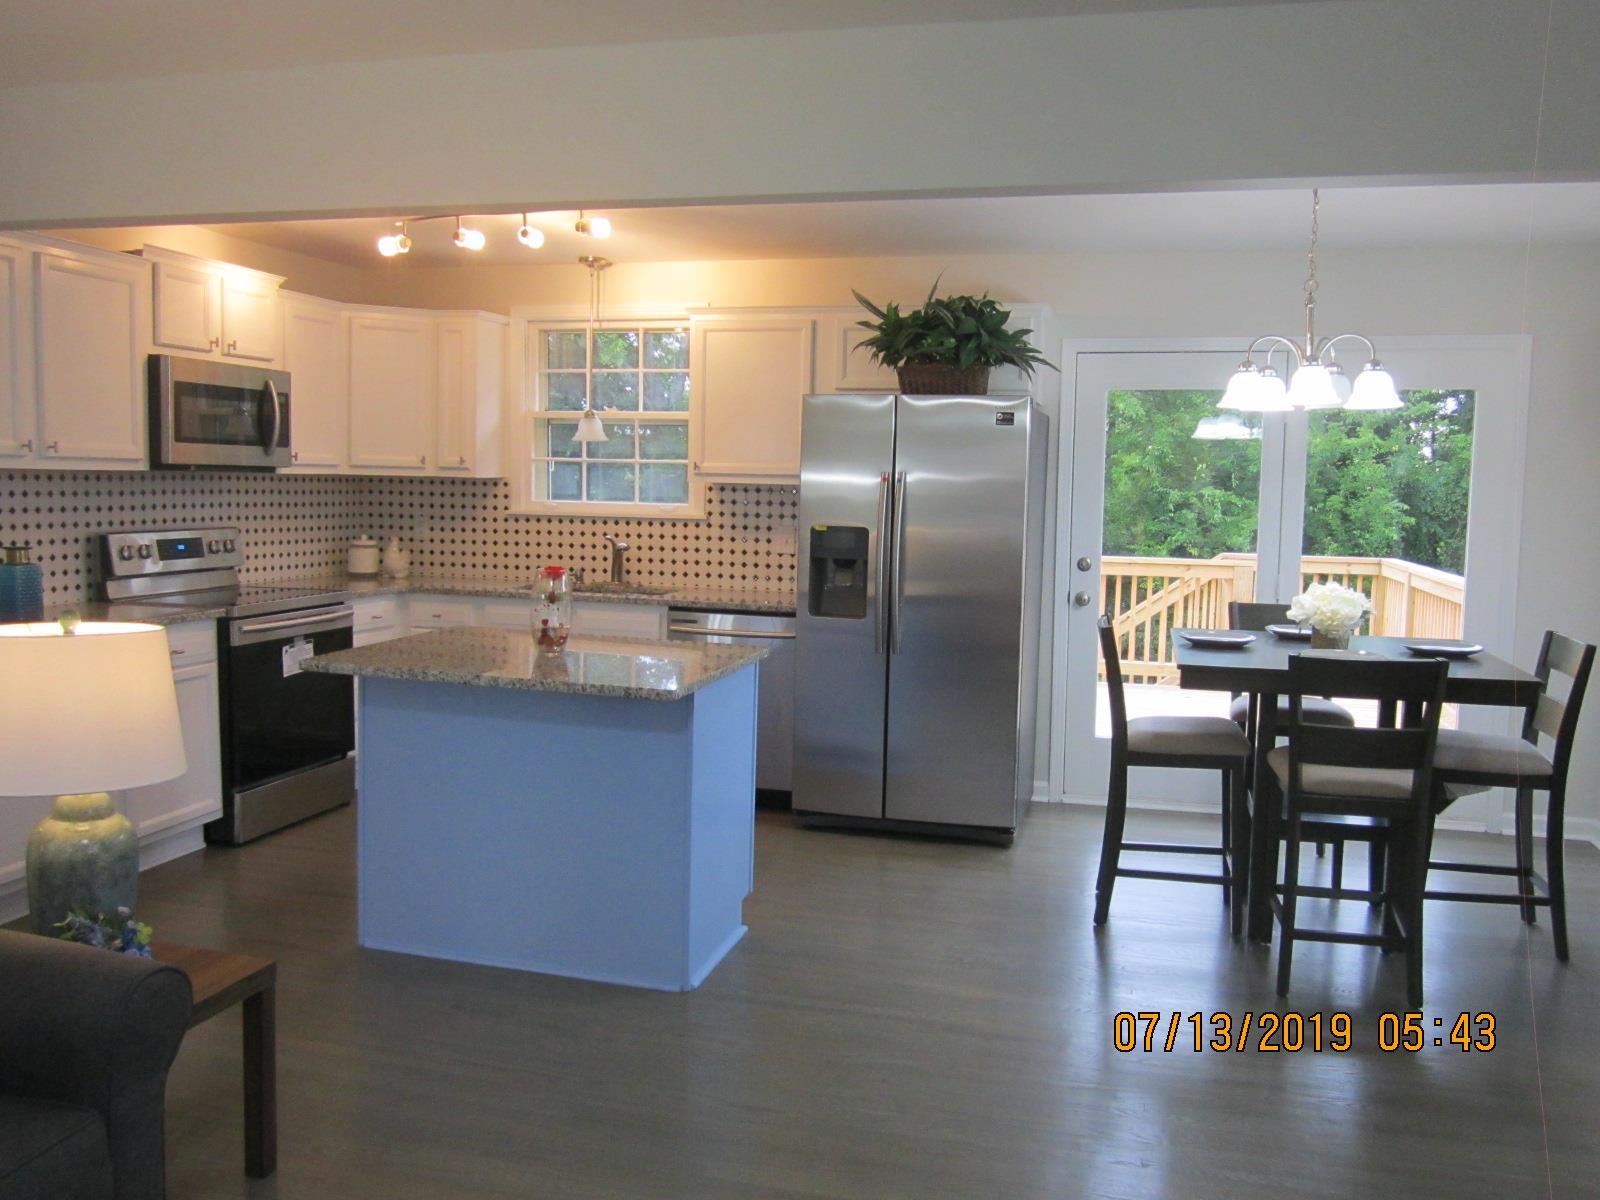 3751 Turley Dr, Nashville, TN 37211 - Nashville, TN real estate listing